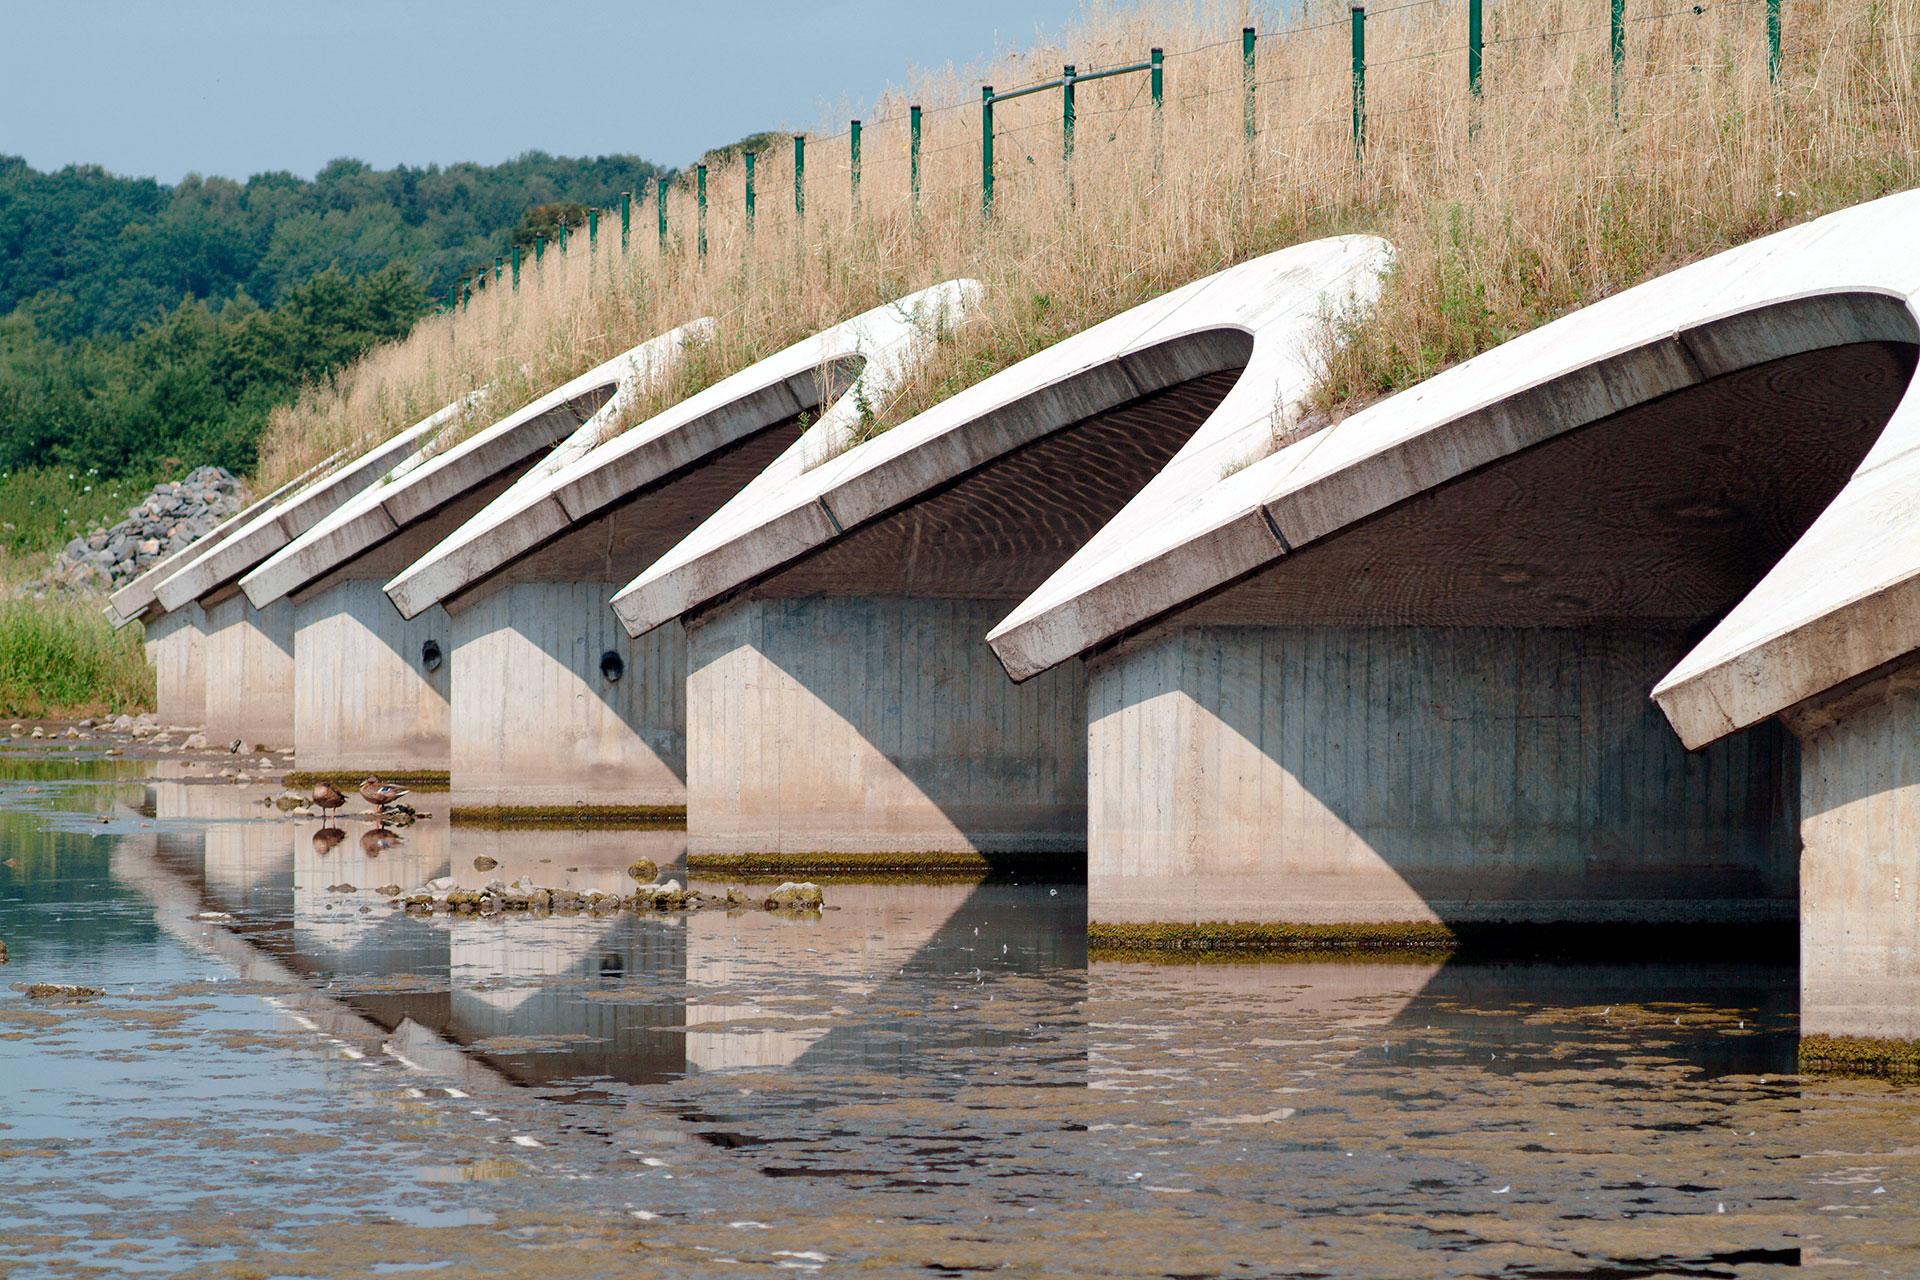 Brücken und Bauwerke generell unterliegen in Deutschland hohen Sicherheitsstandards.